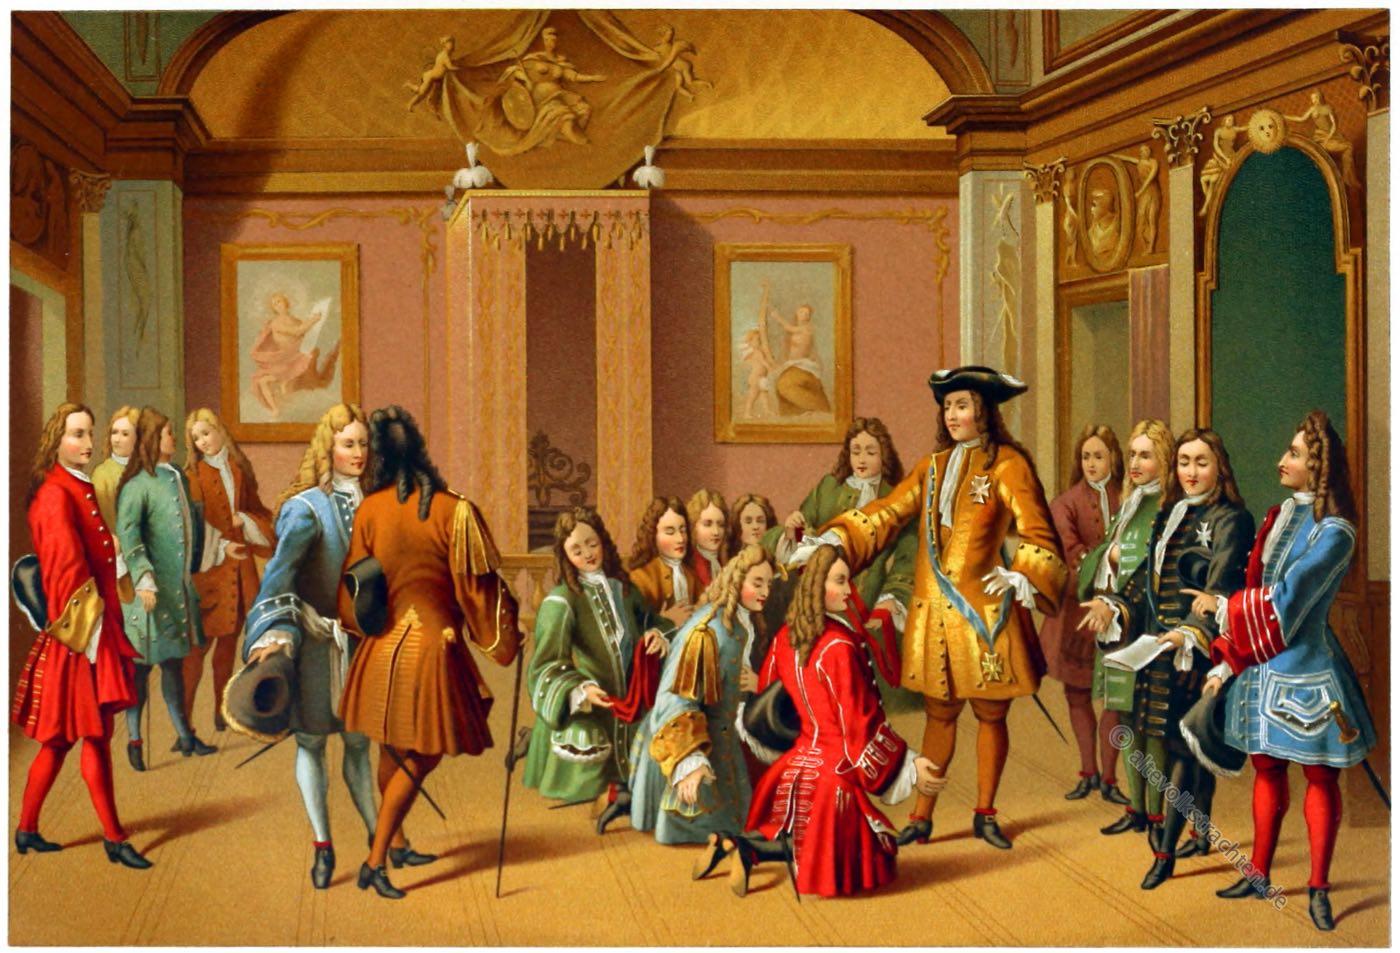 Chevaliers, Ordre militaire, Saint-Louis, François Marot, Versailles, Baroque, Costume, XVIIe siècle